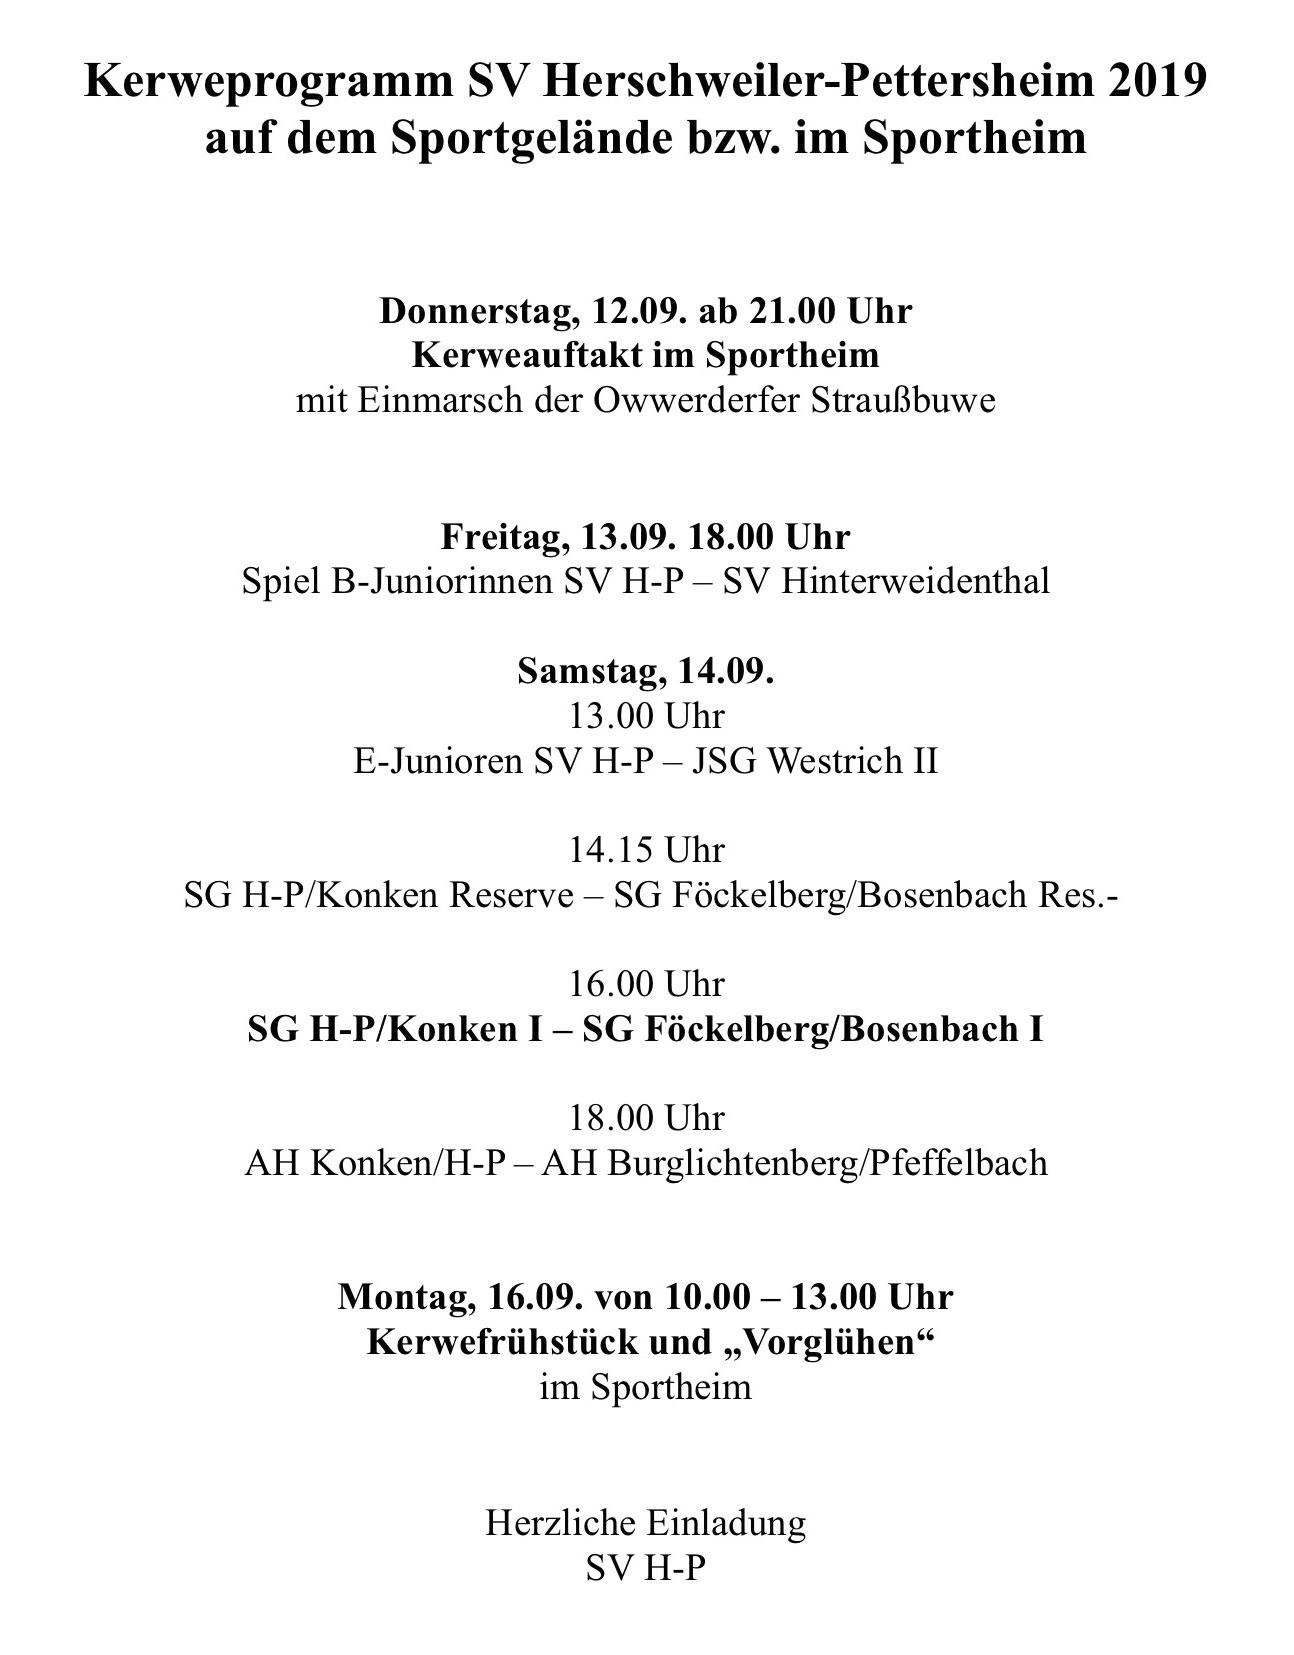 Kerweprogramm SV Herschweiler-Pettersheim 2019